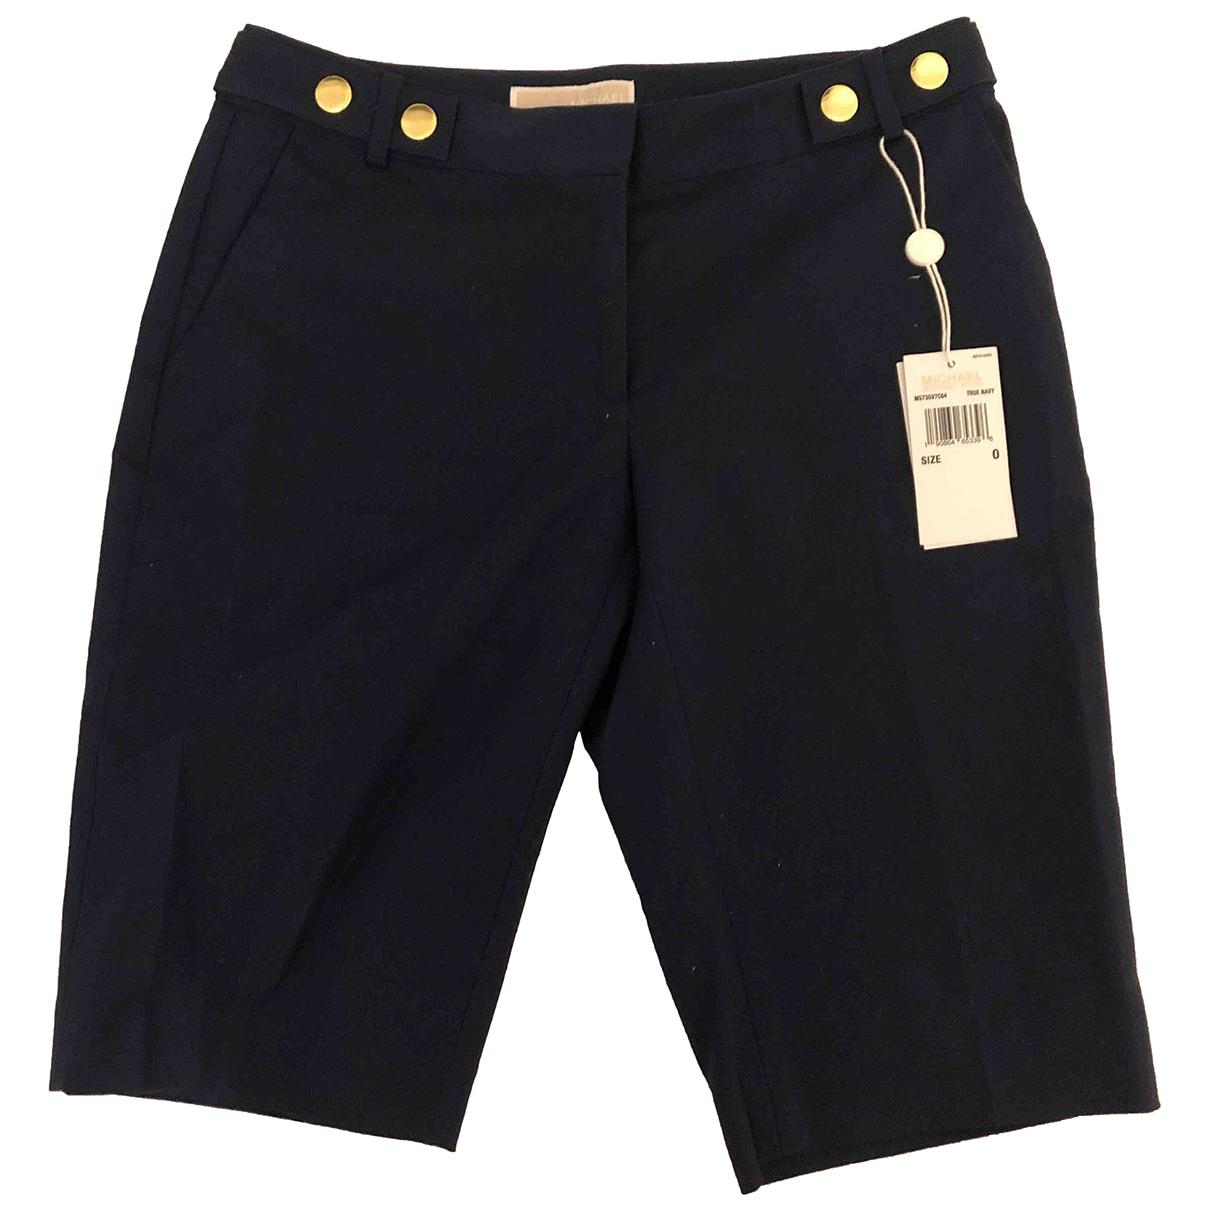 Michael Kors \N Shorts in  Blau Baumwolle - Elasthan